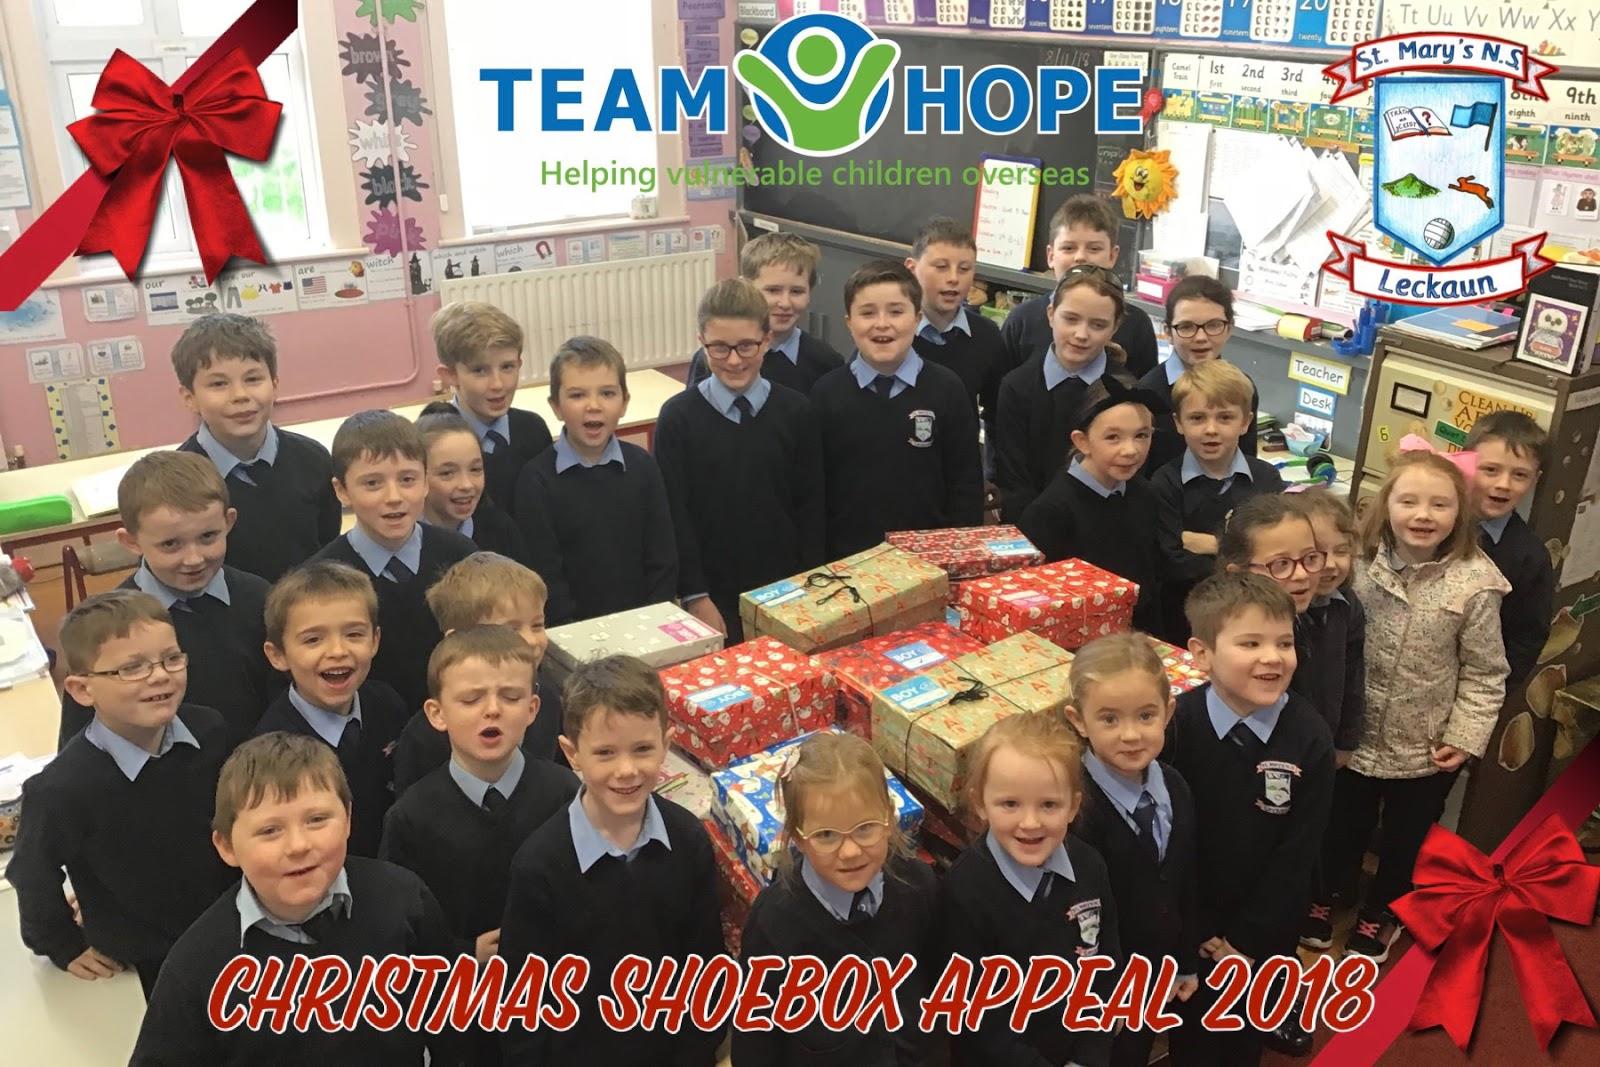 Christmas Shoe Box Appeal 2019.Leckaun National School Team Hope Christmas Shoebox Appeal